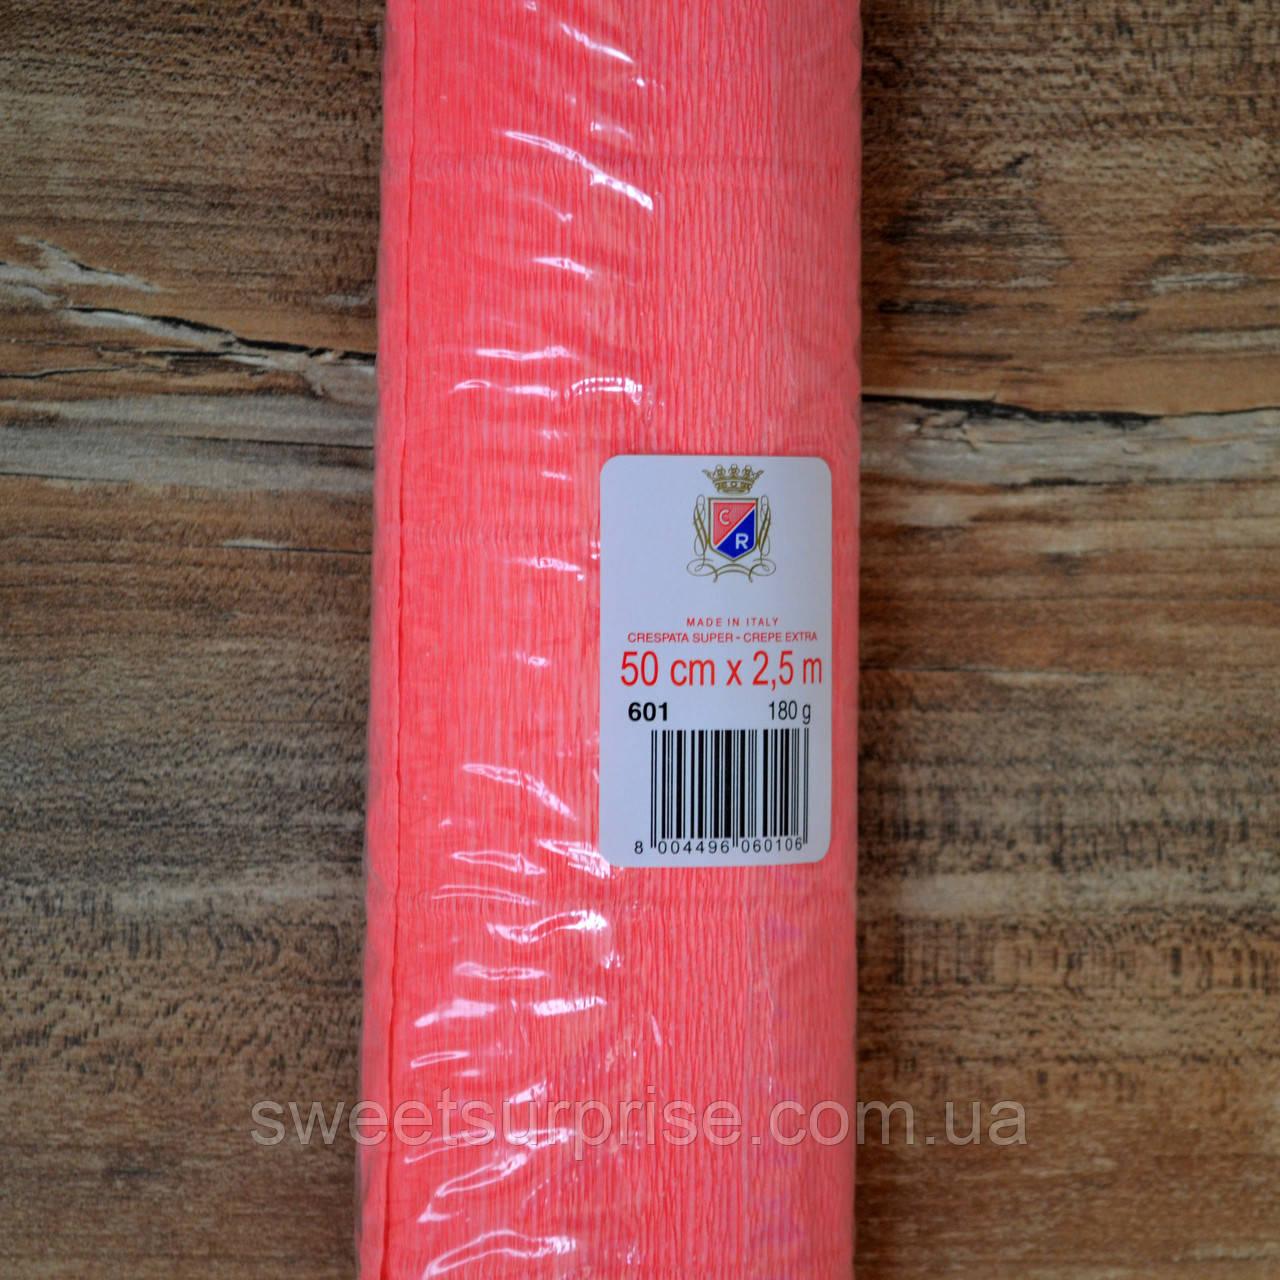 Итальянская гофрированная бумага (601) коралловый